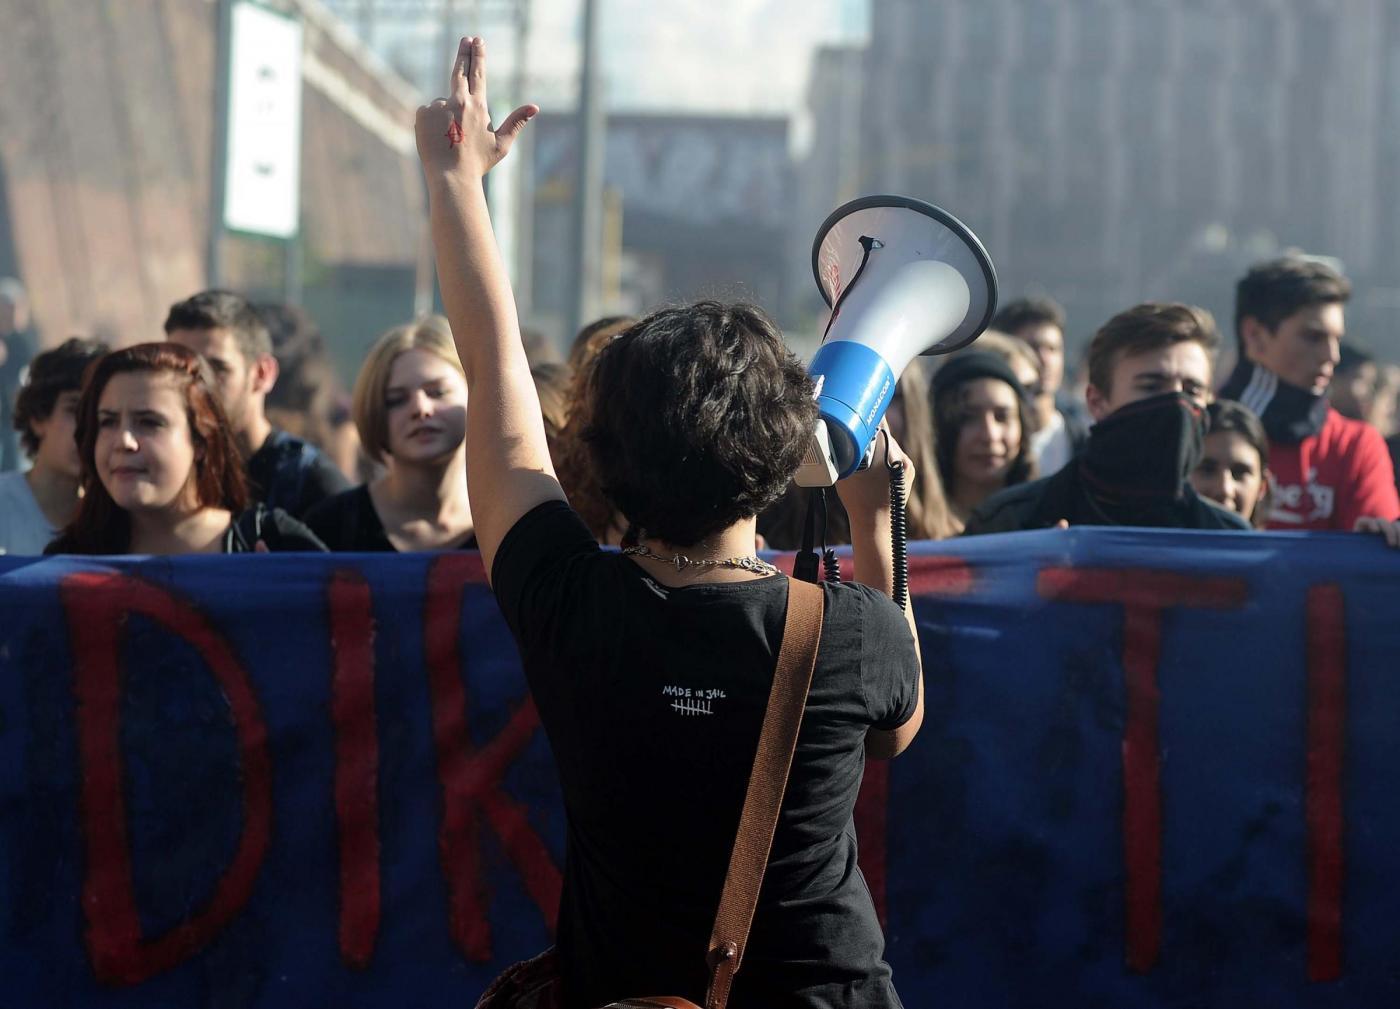 Scioperi dicembre 2014: orari e modalità delle mobilitazioni